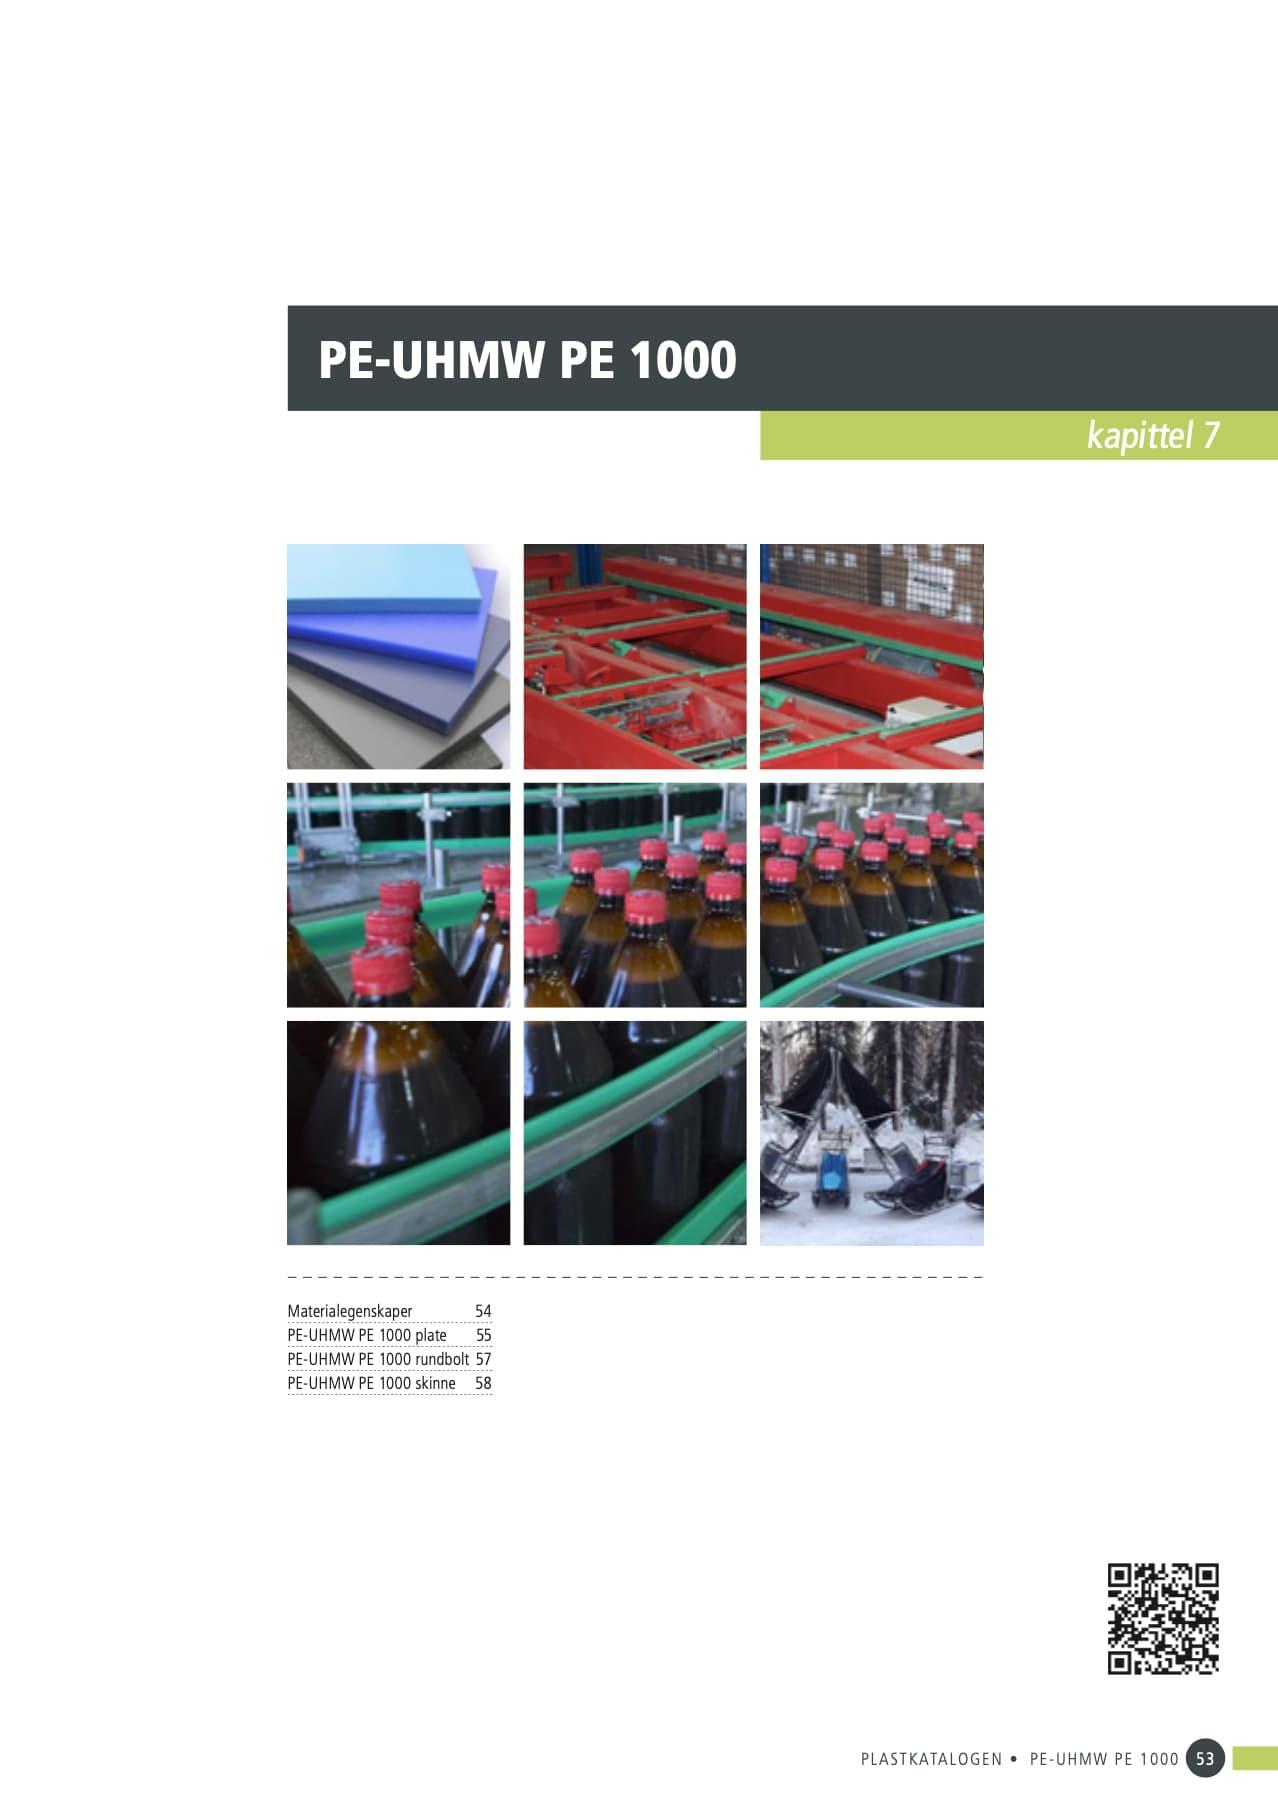 7. PE-UHMW-PE-1000